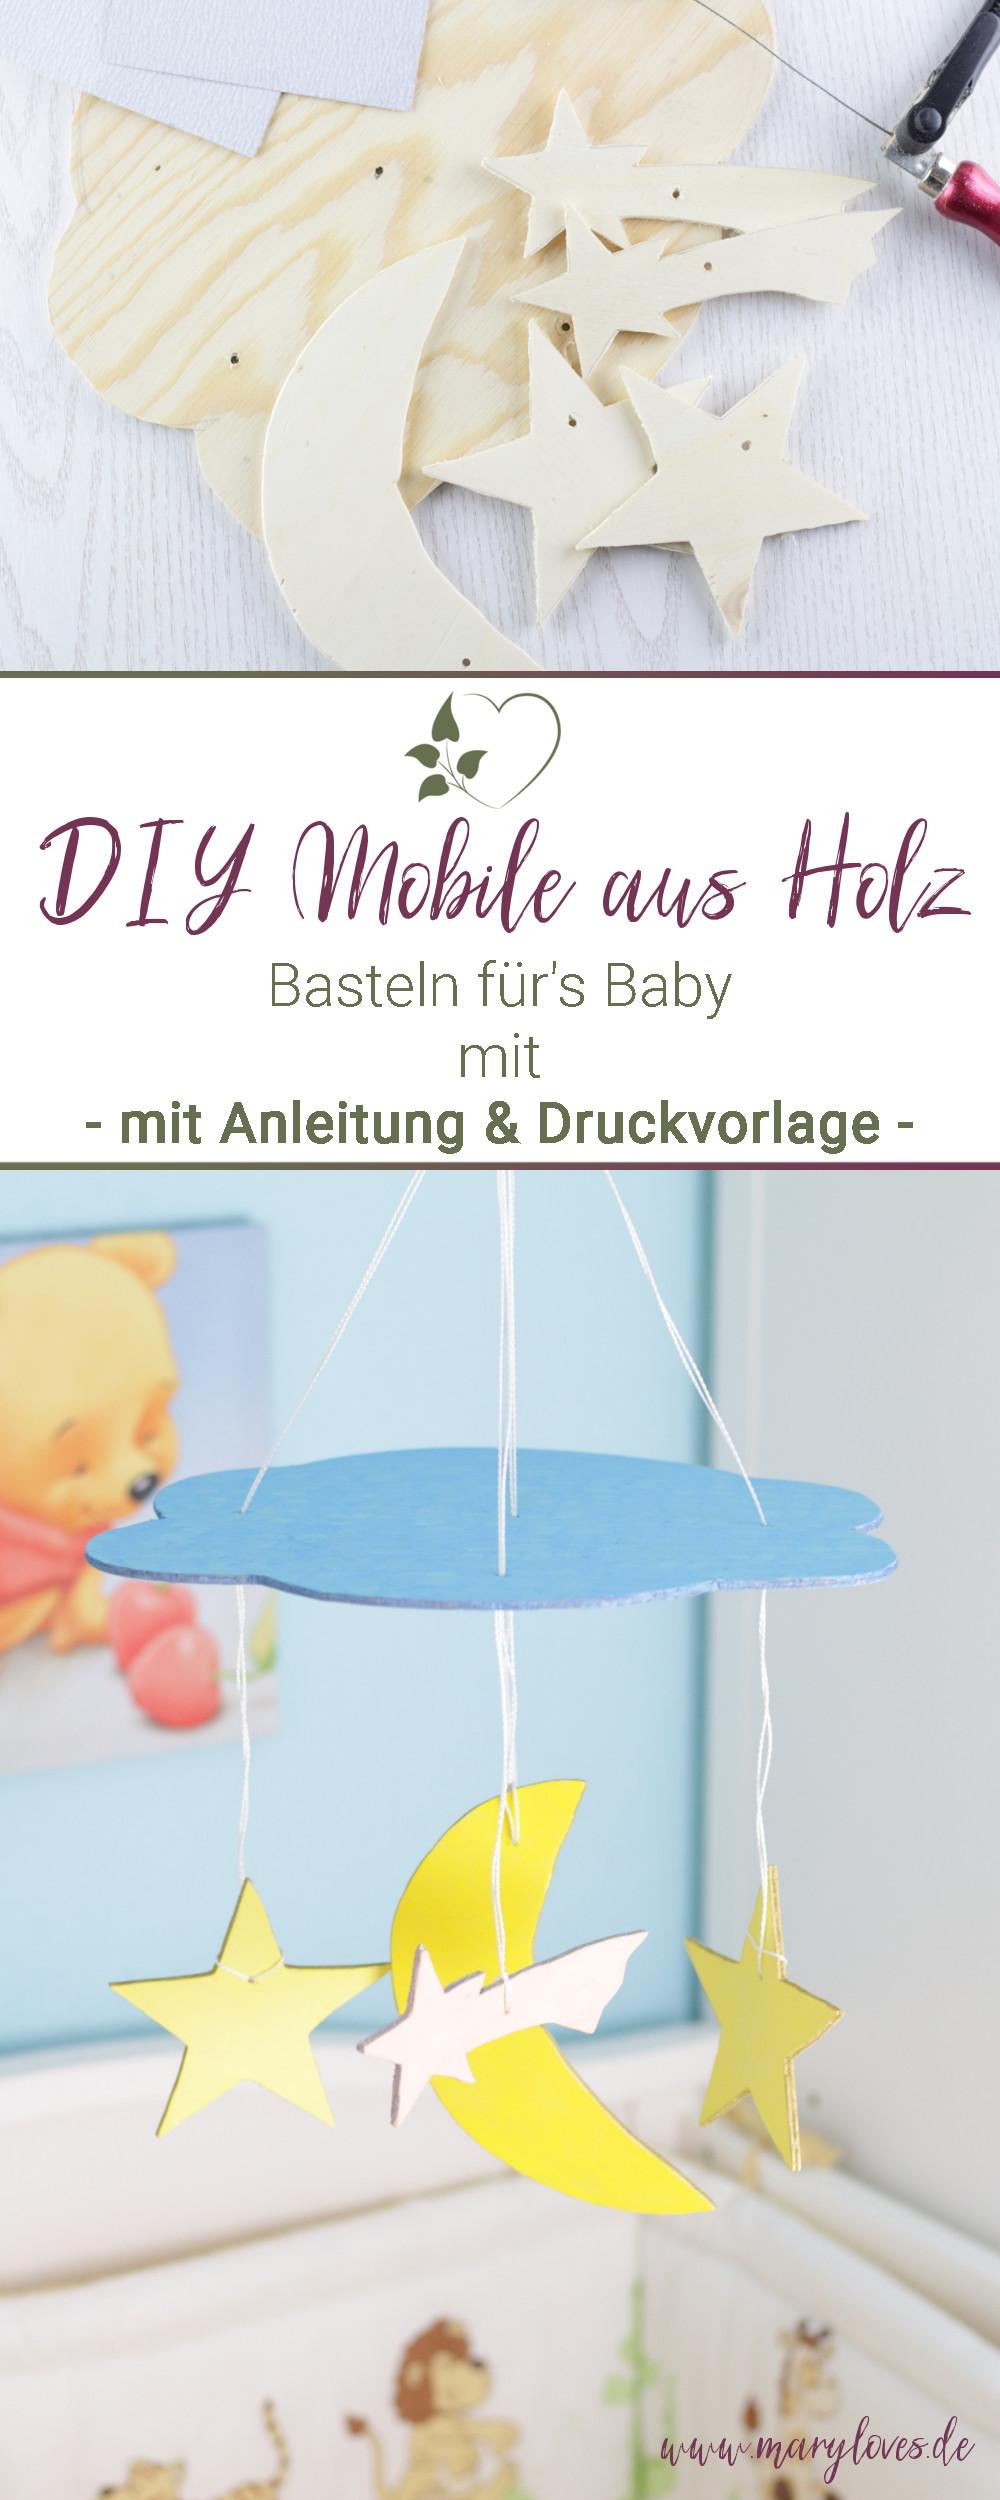 [Anzeige] Basteln für's Baby - DIY Mobile 'Wolke, Mond & Sterne' - #diy #diymobile #mobile #baby #bastelnfürsbaby #babyzimmer #pilotpintor #pilotkreativ #holzmobile #laubsägearbeit